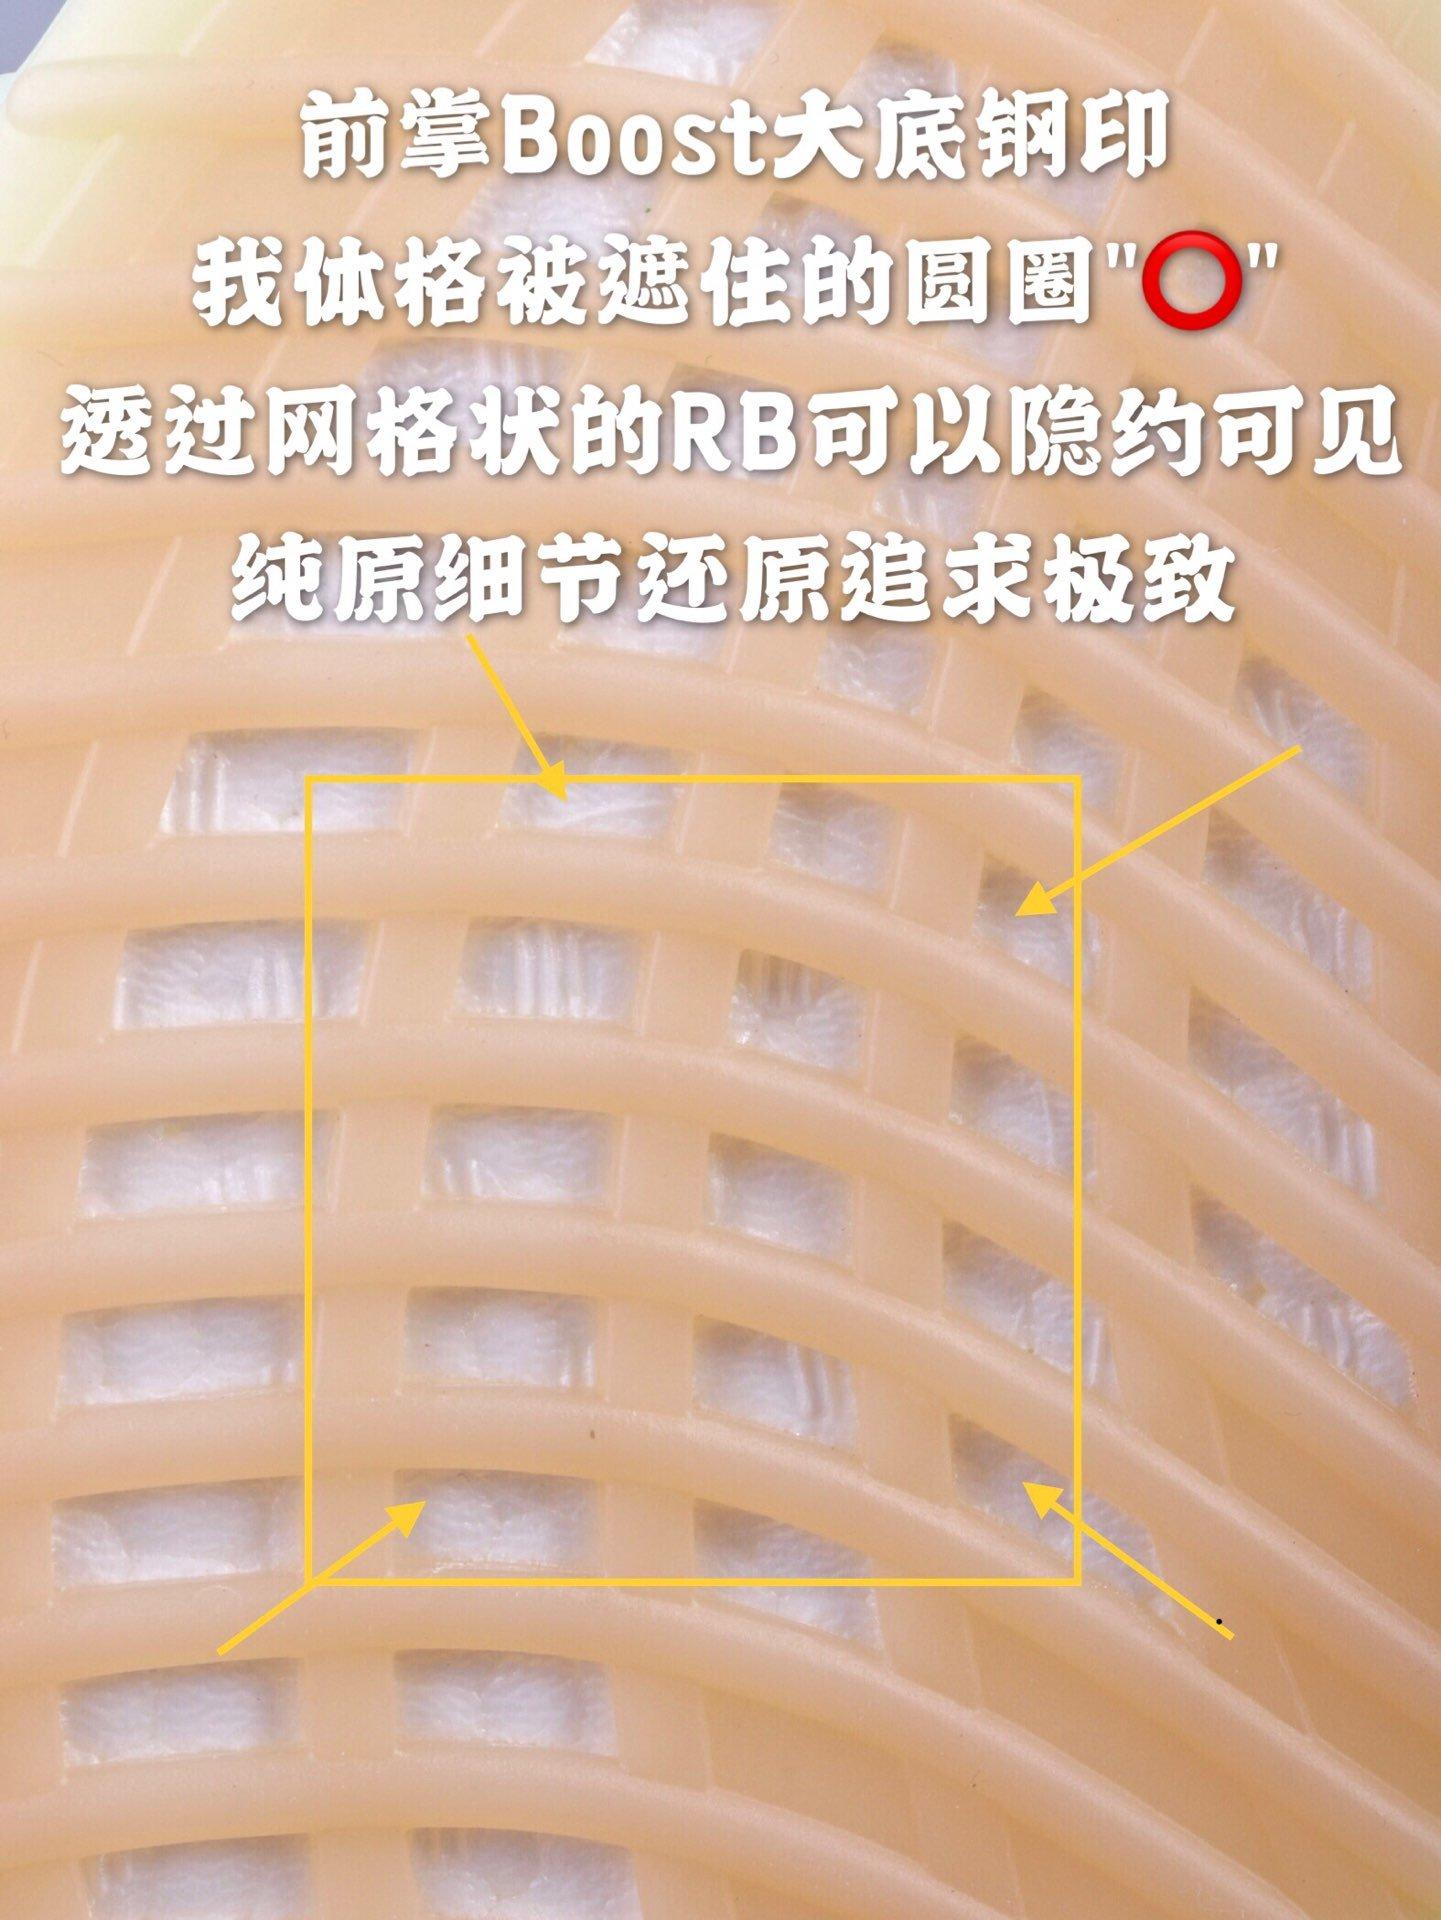 椰子GT版-YEEZY BOOST 350 V2 GT版本亚洲限定纯原 细节图解